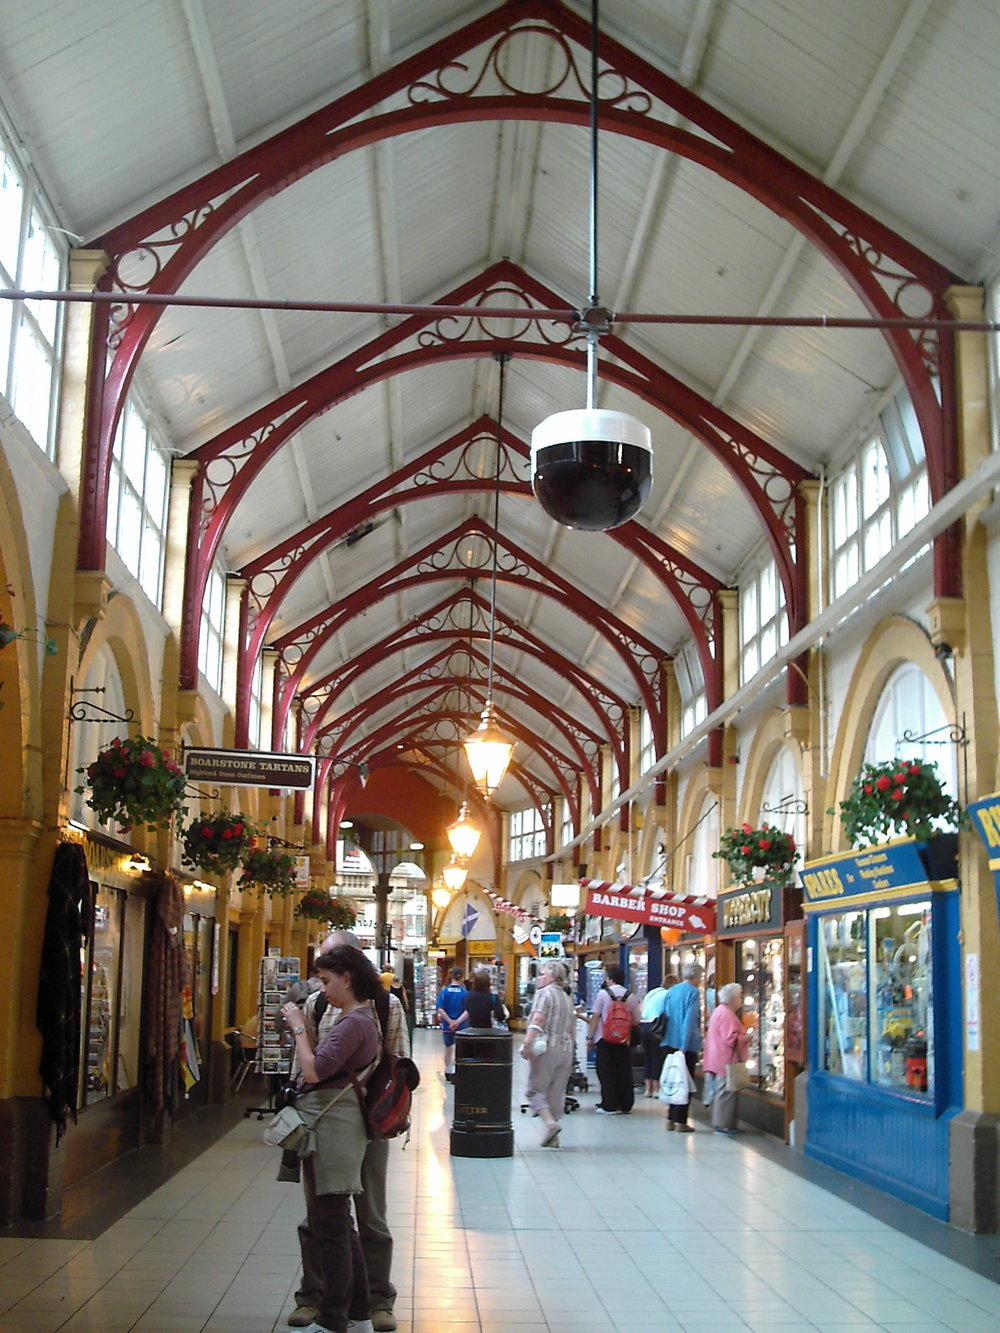 Inverness, Scotland Victorian Market arches